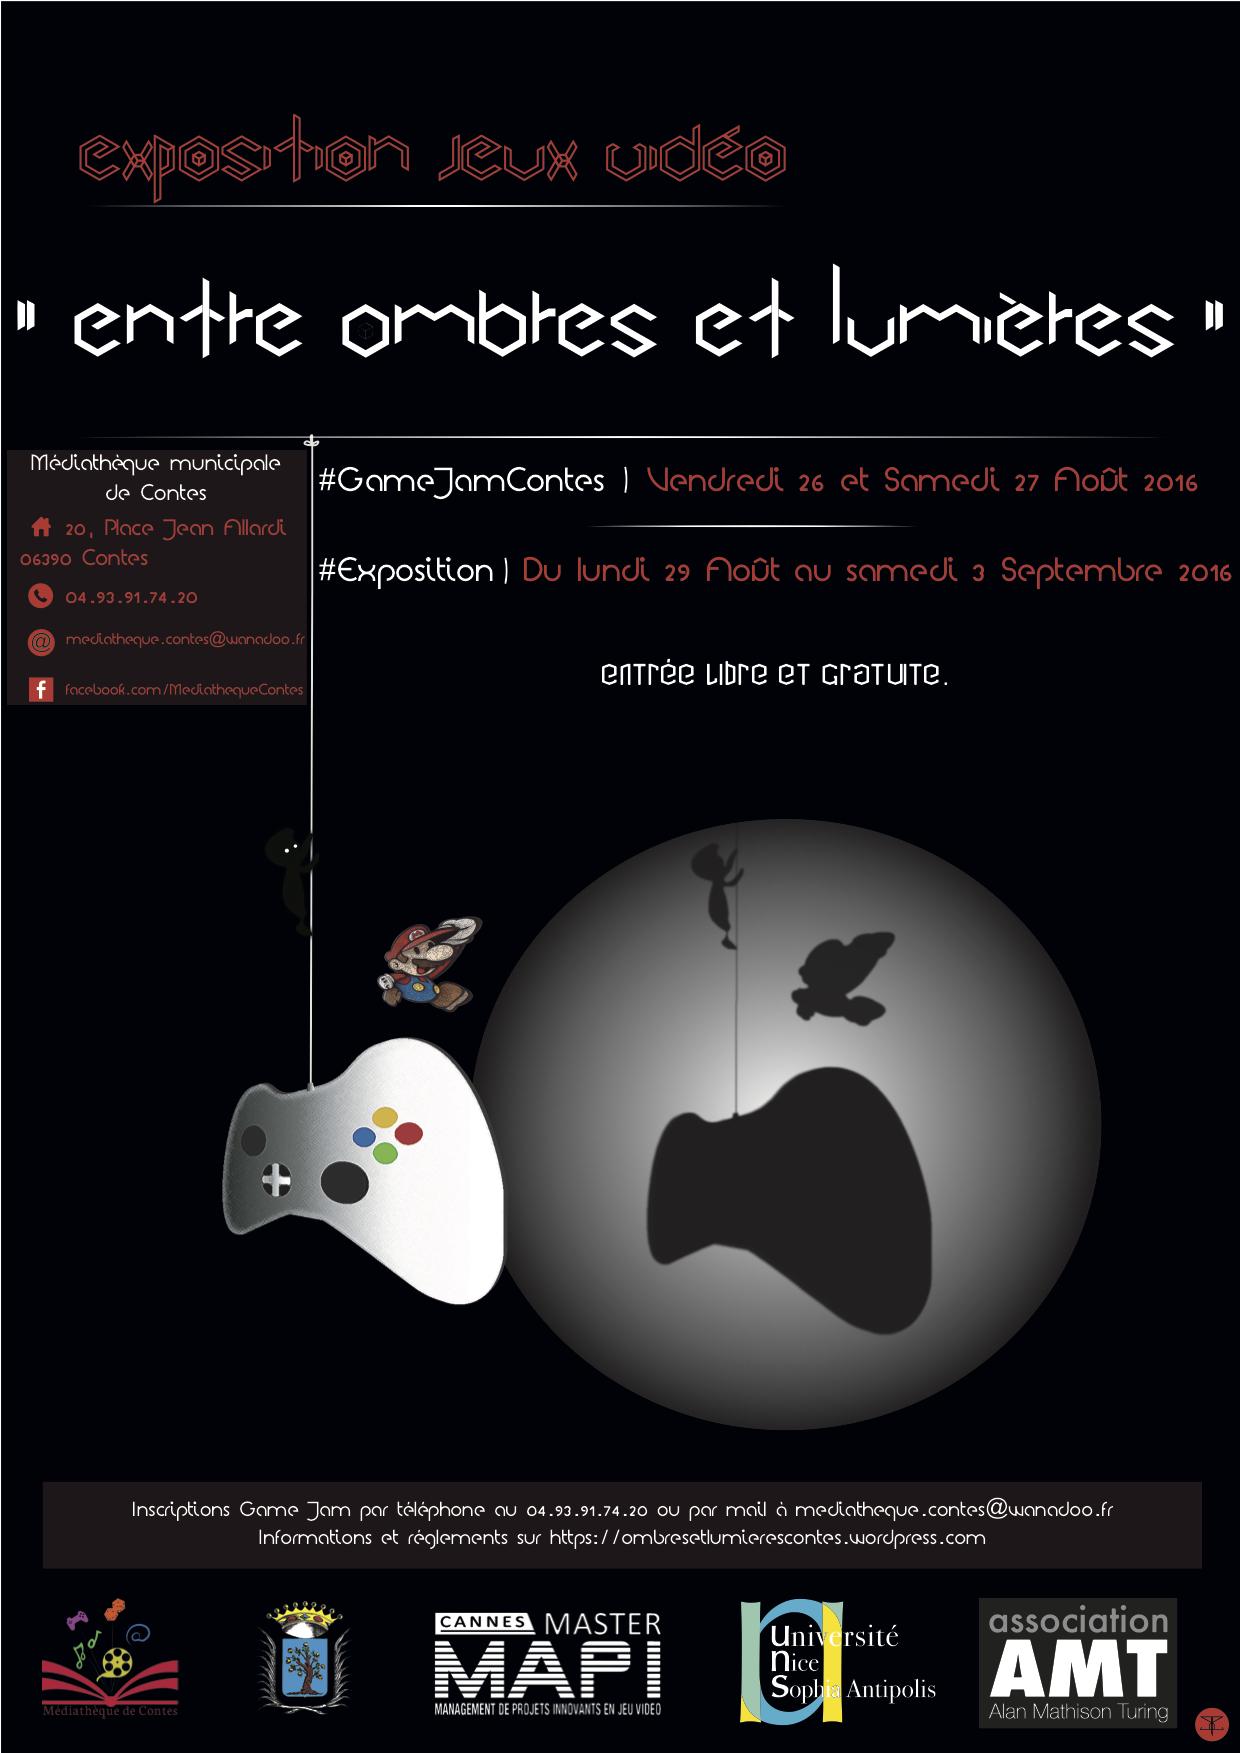 une-exposition-et-une-game-jam-a-contes-06-contenu01